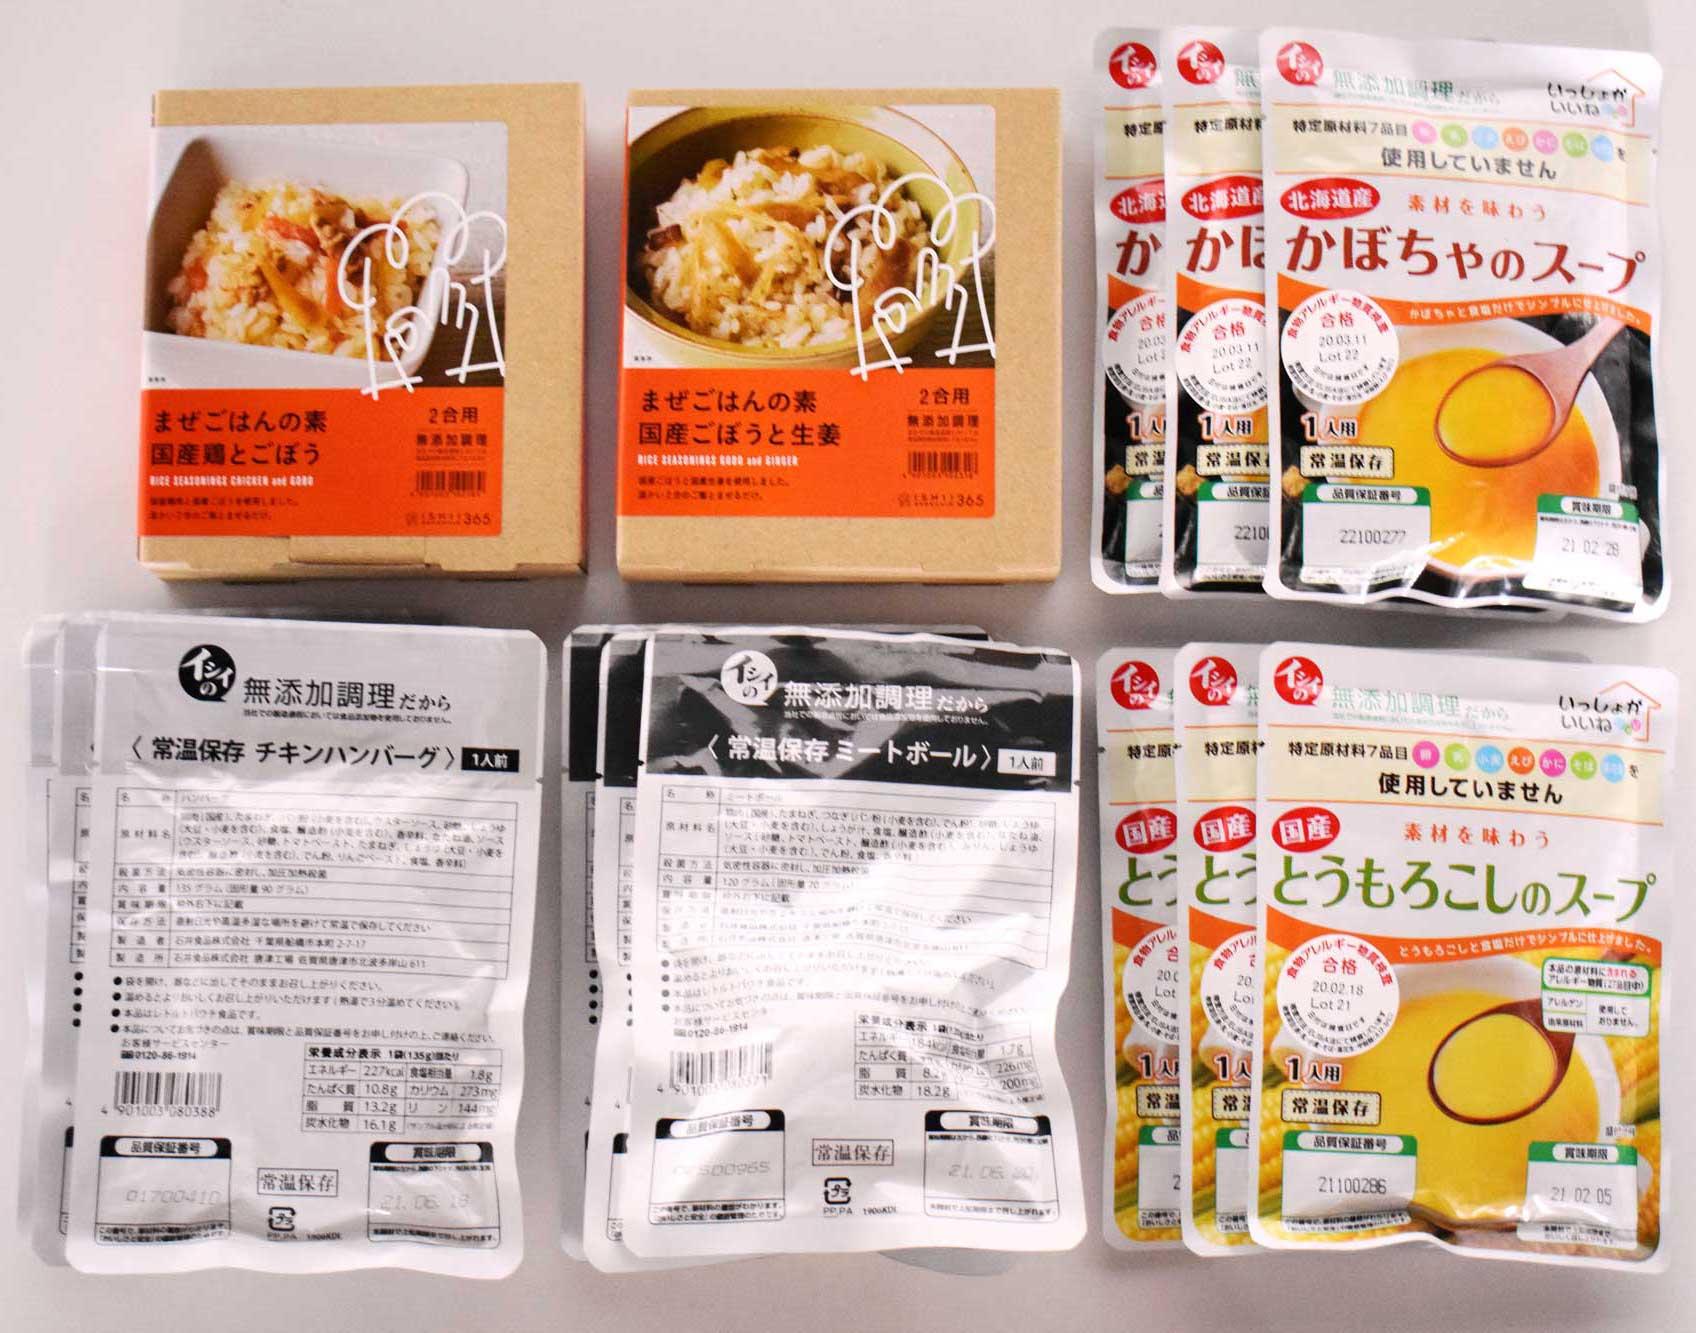 おうちで作ろうランチセット(6食分)